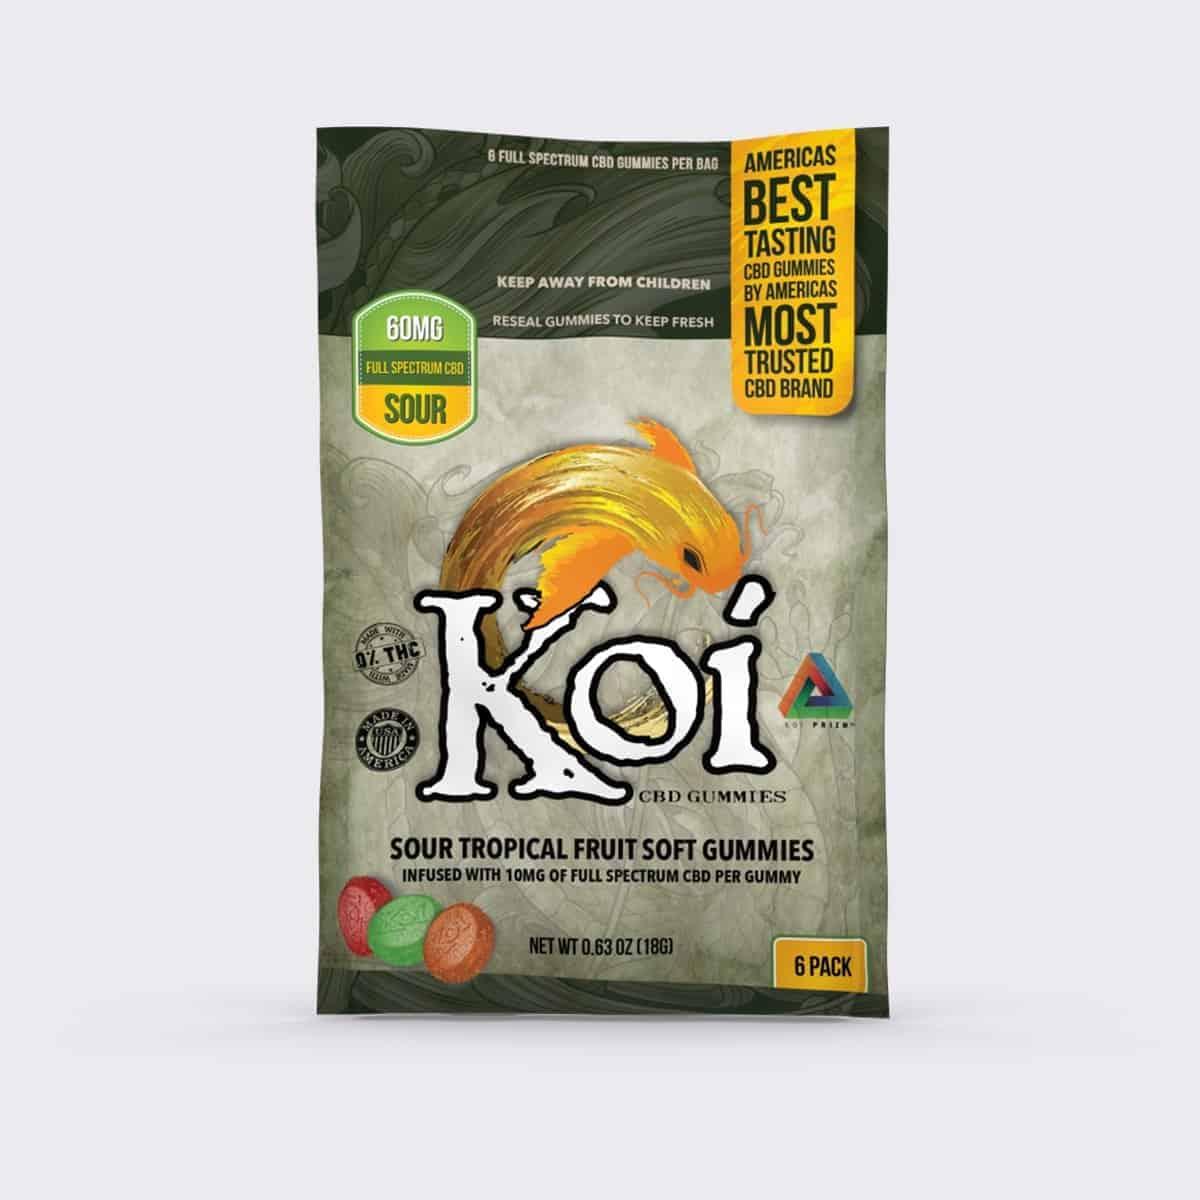 KOI CBD SOUR TROPICAL FRUIT SOFT GUMMIES